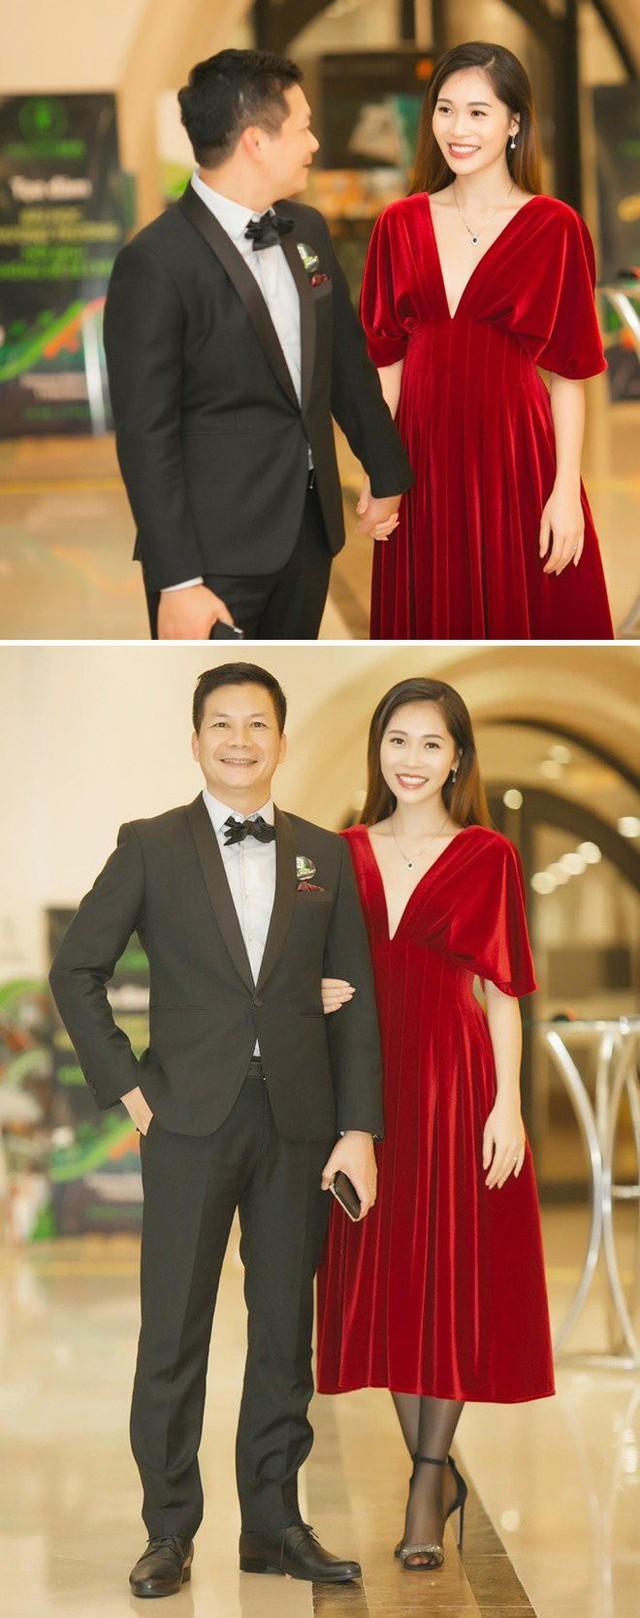 Bí mật cuộc hôn nhân của Shark Hưng và vợ Á hậu kém 16 tuổi sau hơn 1 năm đám cưới - Ảnh 3.